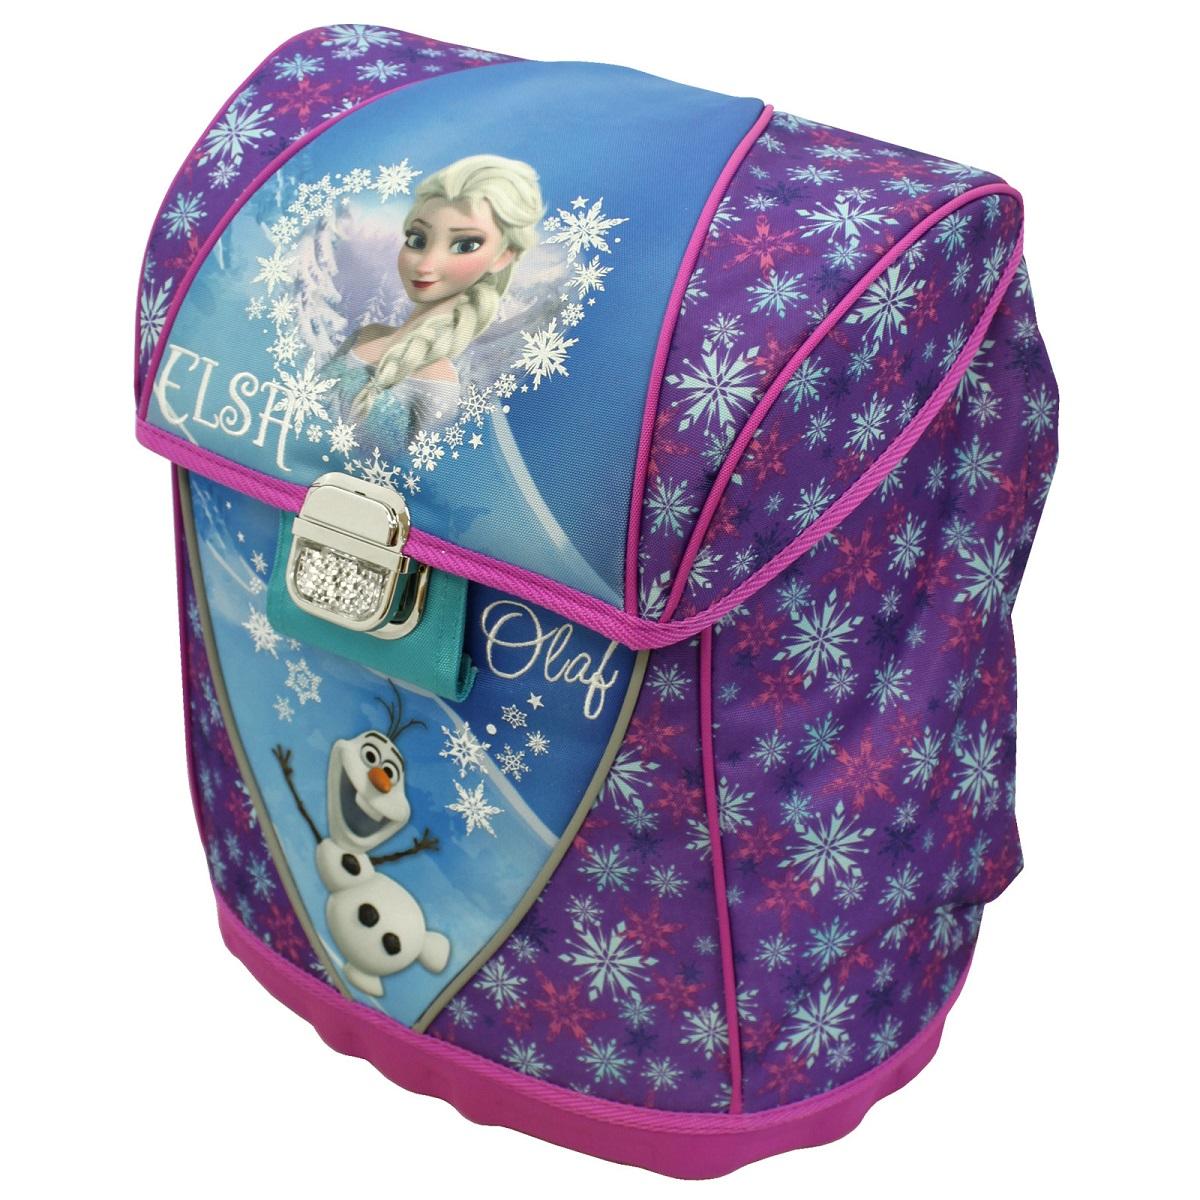 Ранец Холодное сердце26302Большой ранец «Disney» Холодное сердце имеет прочный каркас, поэтому содержащиеся в нем вещи не помнутся. В его основное отделение легко поместятся предметы формата А4. Внутри есть два отсека для тетрадей и приспособление для ключей. Сверху ранец закрывается прочным клапаном на металлическую застежку. Снаружи есть два боковых кармана на молнии. Ортопедическая спинка, созданная по специальной технологии из дышащего материала, равномерно распределяет нагрузку на плечевые суставы и спину. Удлиненные держатели облегчают фиксацию длины ремней с мягкими подкладками. Светоотражающие элементы, расположенные на лямках, внешнем кармане и металлической застежке, повышают безопасность ребенка на дороге в темное время суток. Мягкая ручка удобна для переноски рюкзака в руке. Аксессуар изготовлен из износоустойчивых материалов с водонепроницаемой основой, декорирован ярким принтом, глиттером и подвесками на молнии.